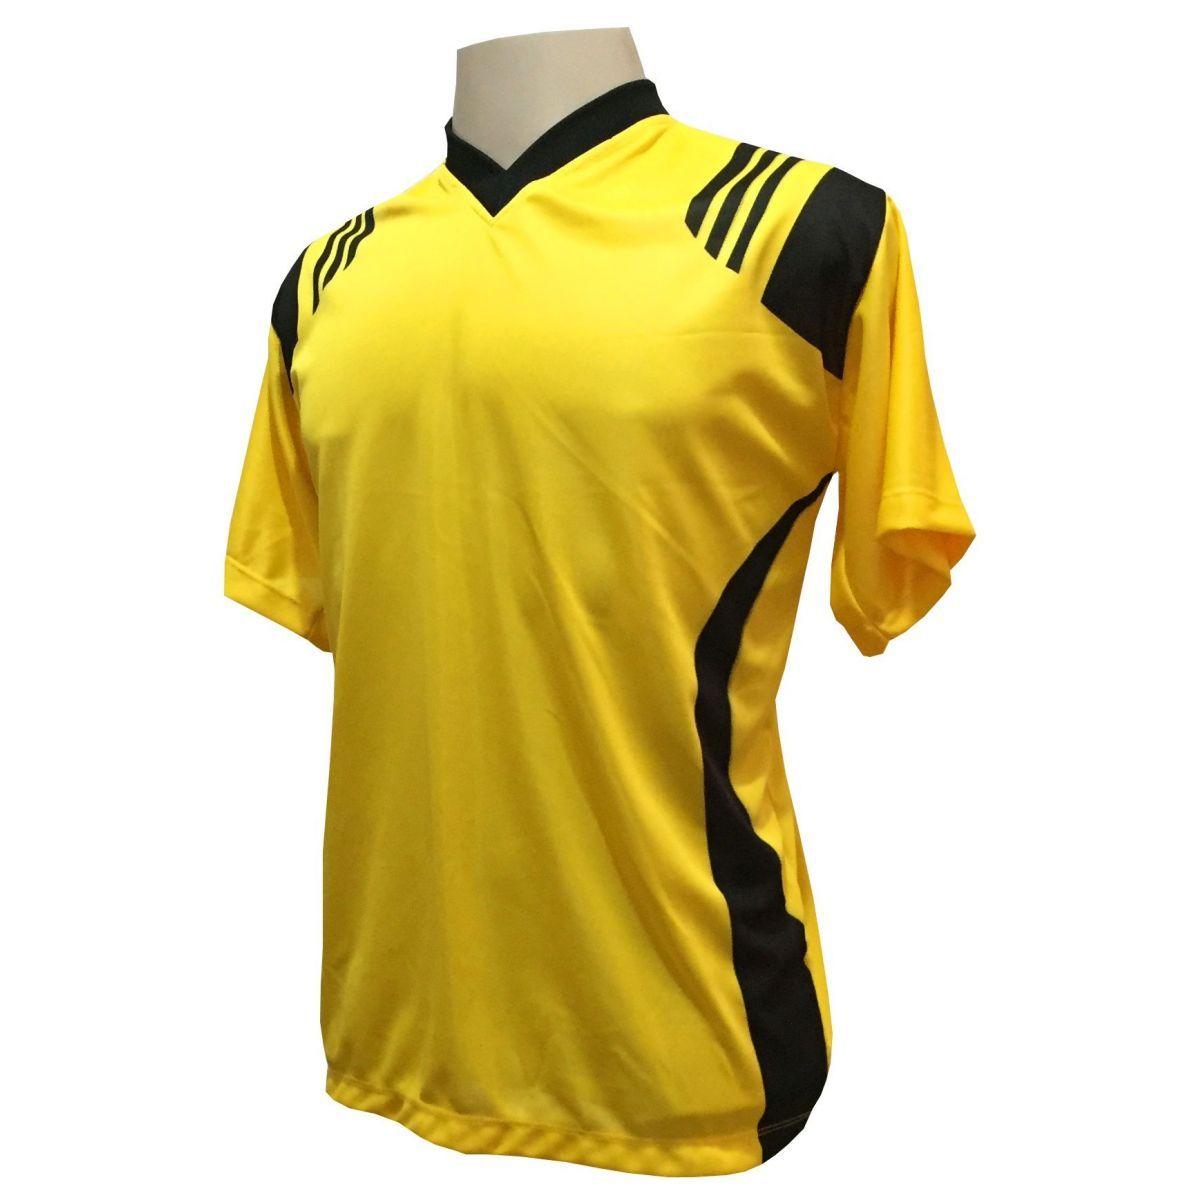 Jogo de Camisa com 12 unidades modelo Roma Amarelo/Preto + 1 Camisa de Goleiro